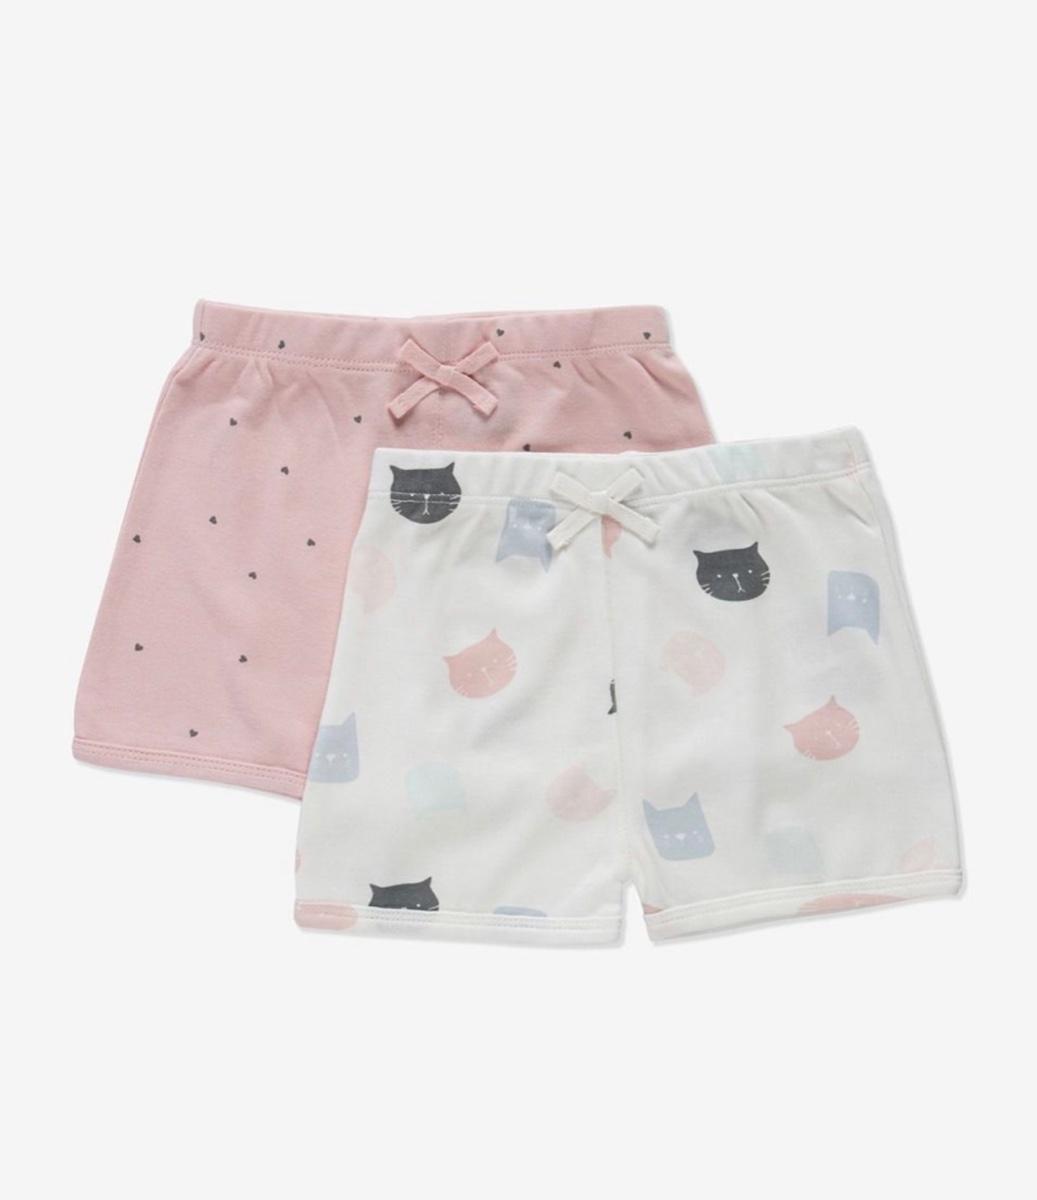 MINENE זוג מכנסיים קצרים מידות 0-18 חודשים